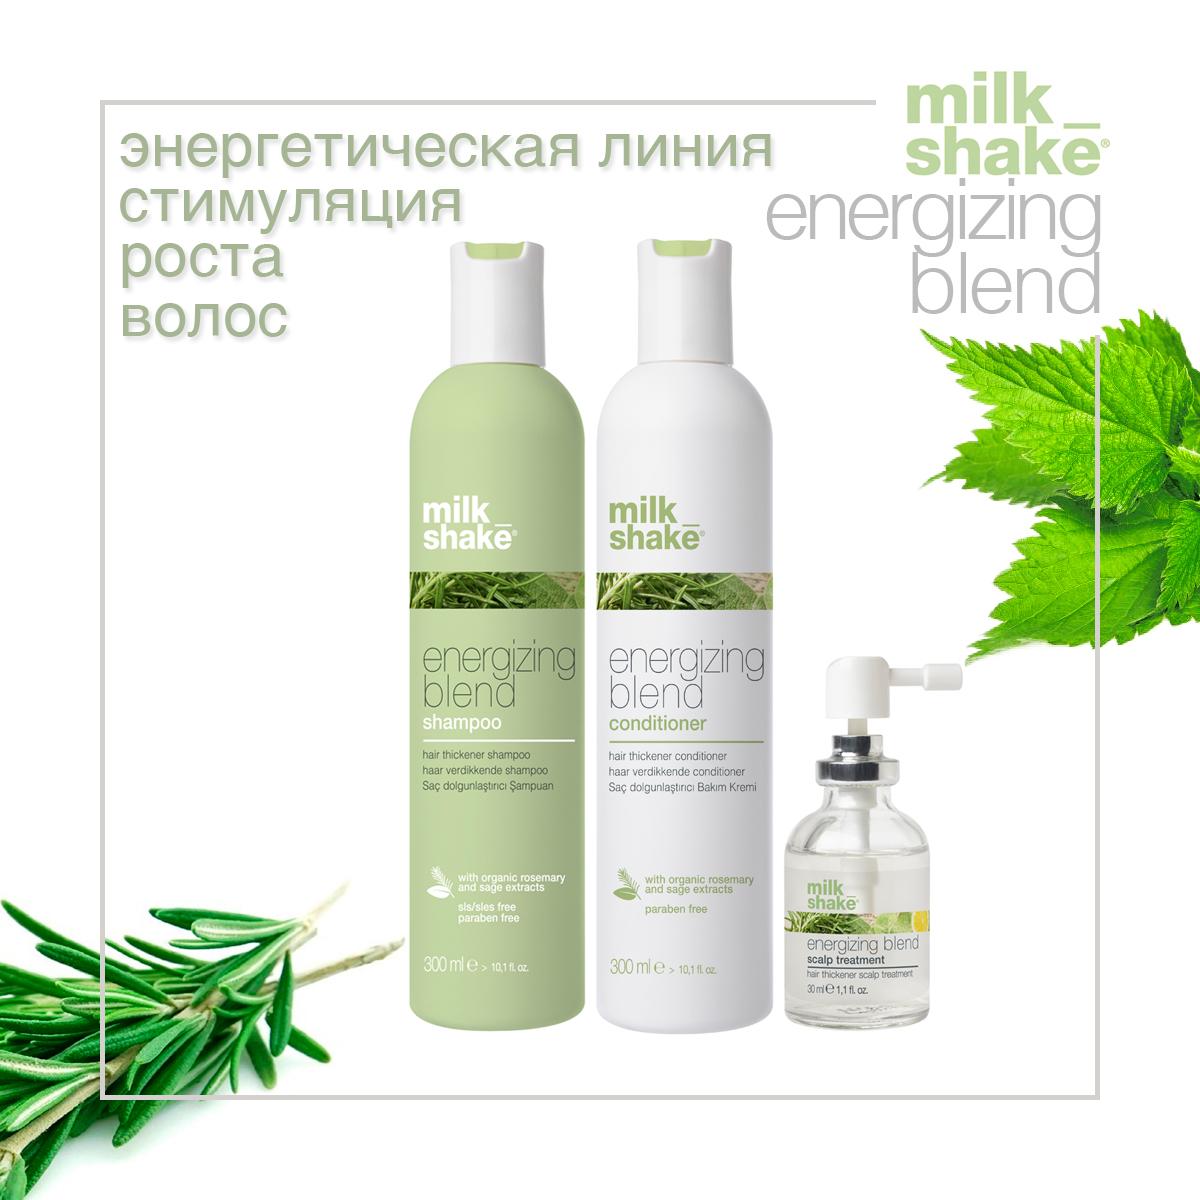 набор #7 для стимулирования роста волос Energizing kit